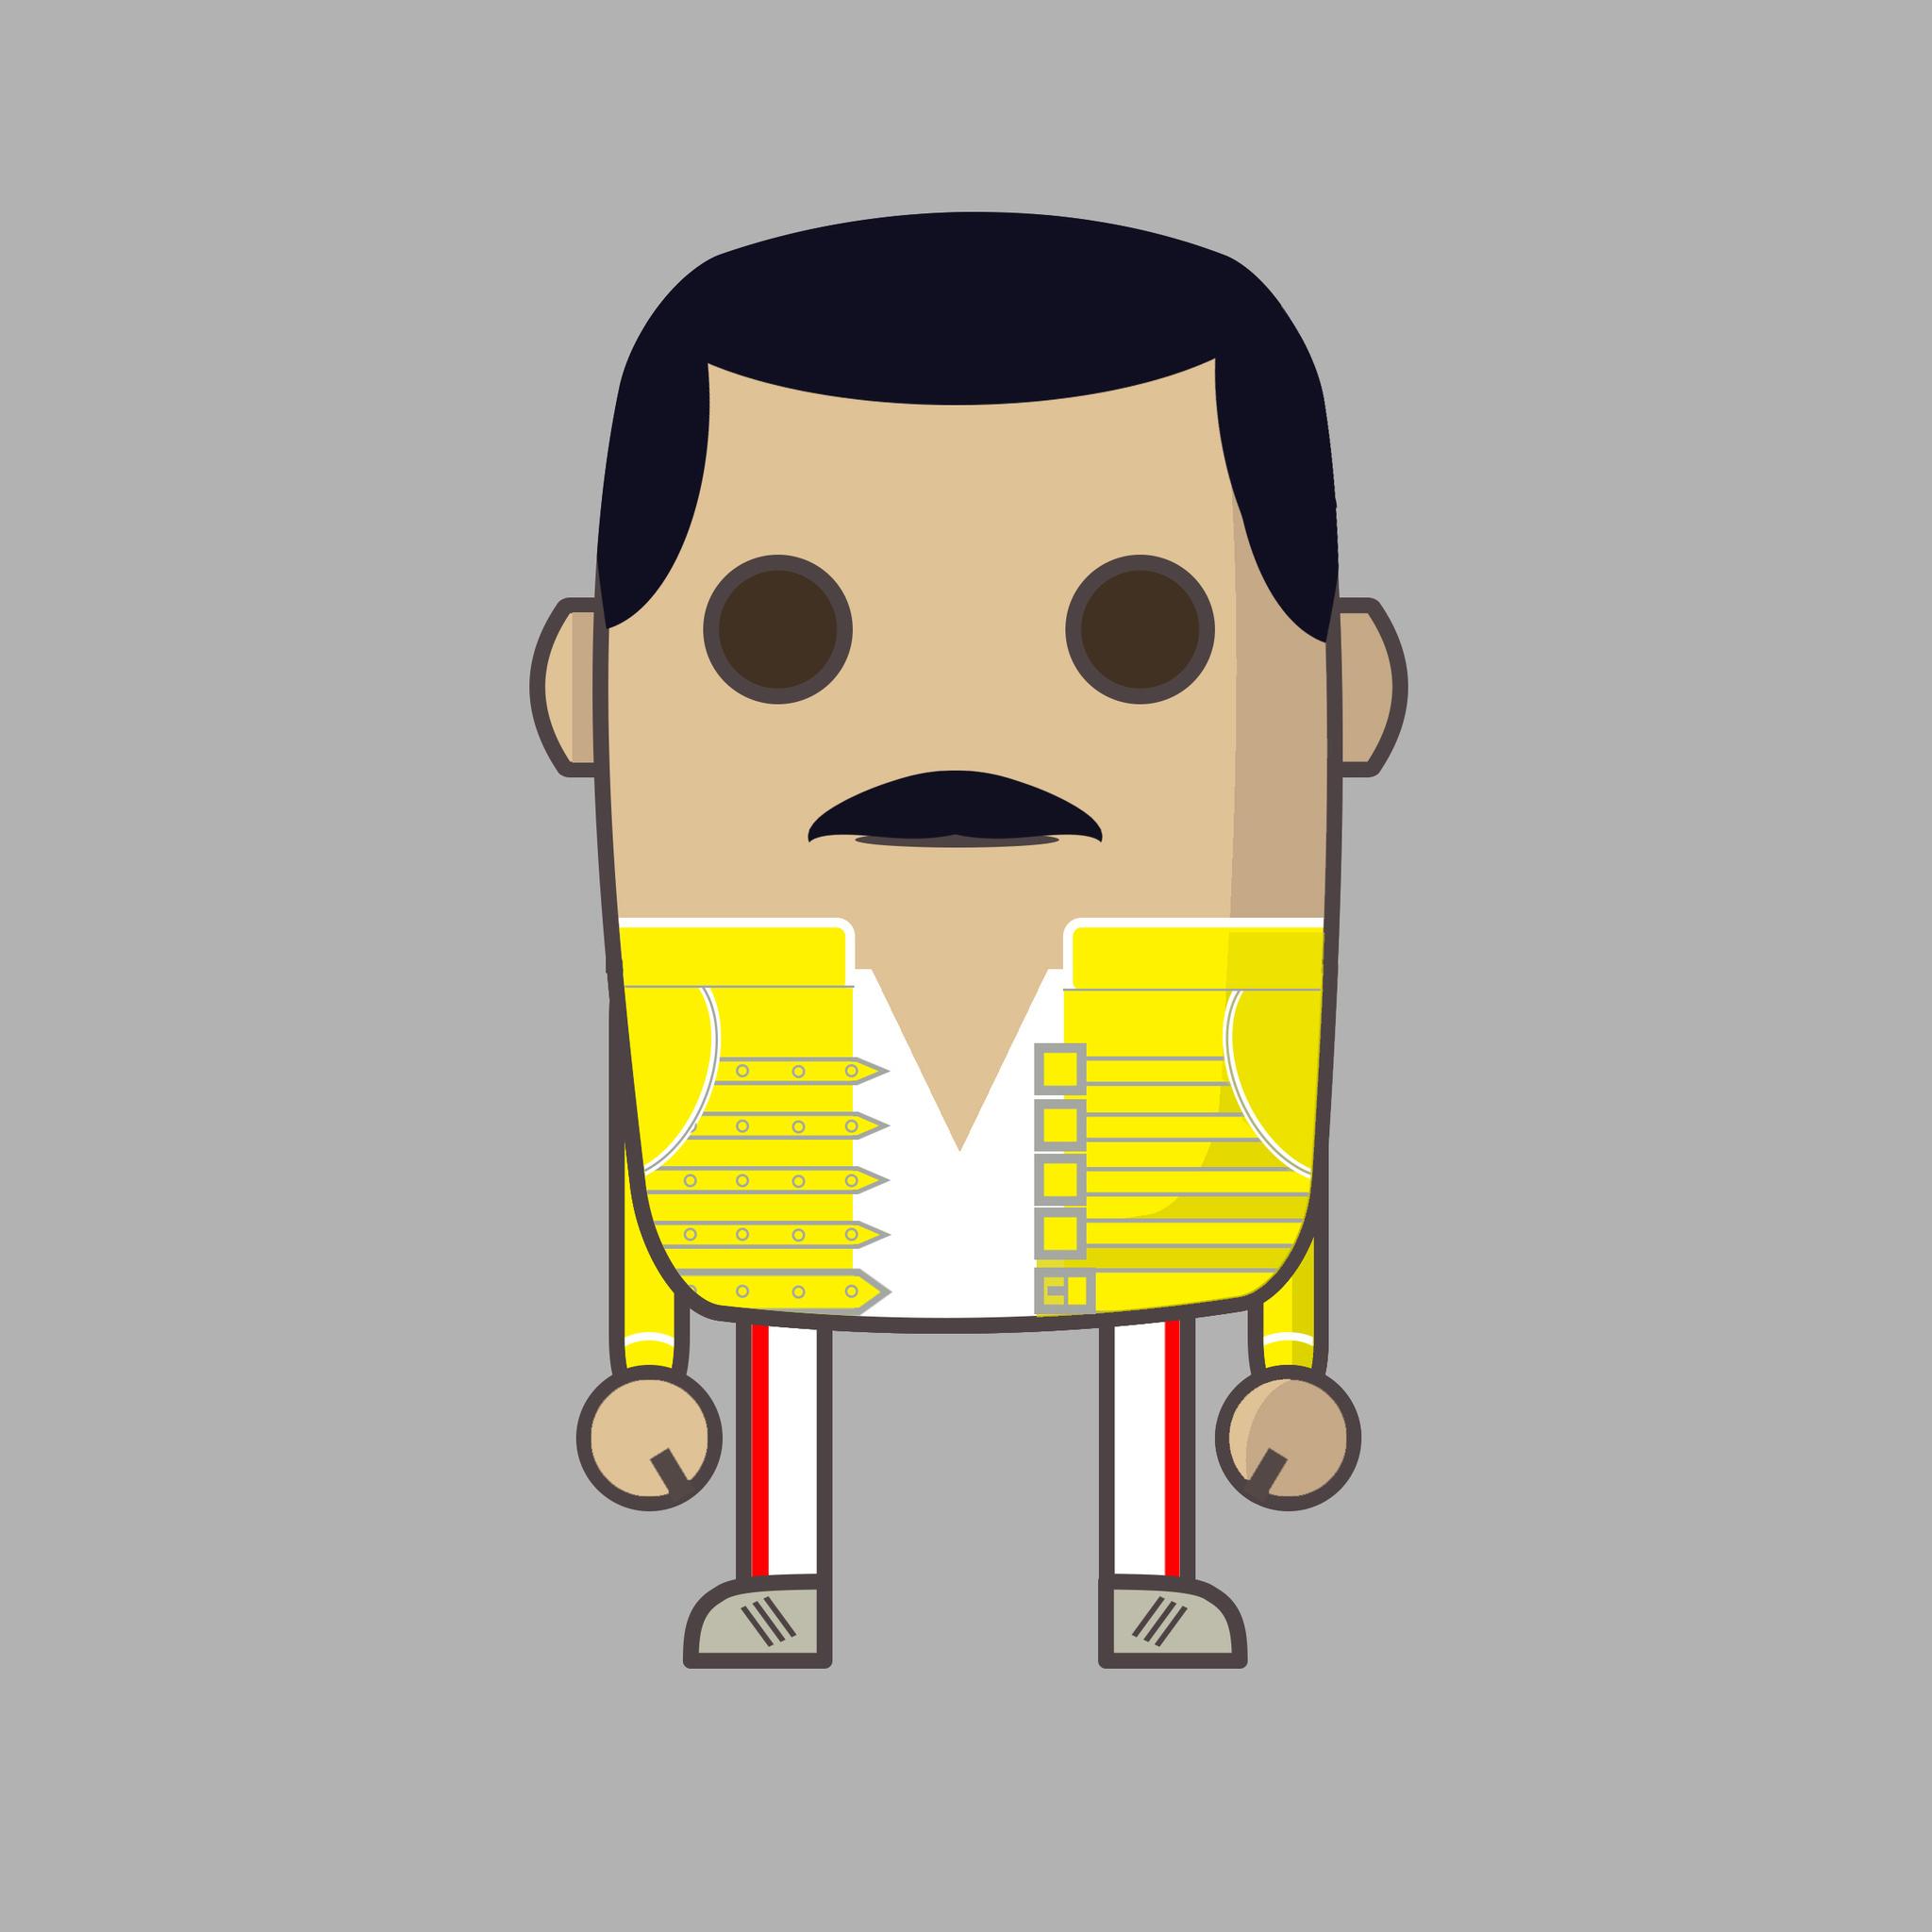 2048x2048 Mime Freddie Mercury Ipad Air Hd 4k Wallpapers